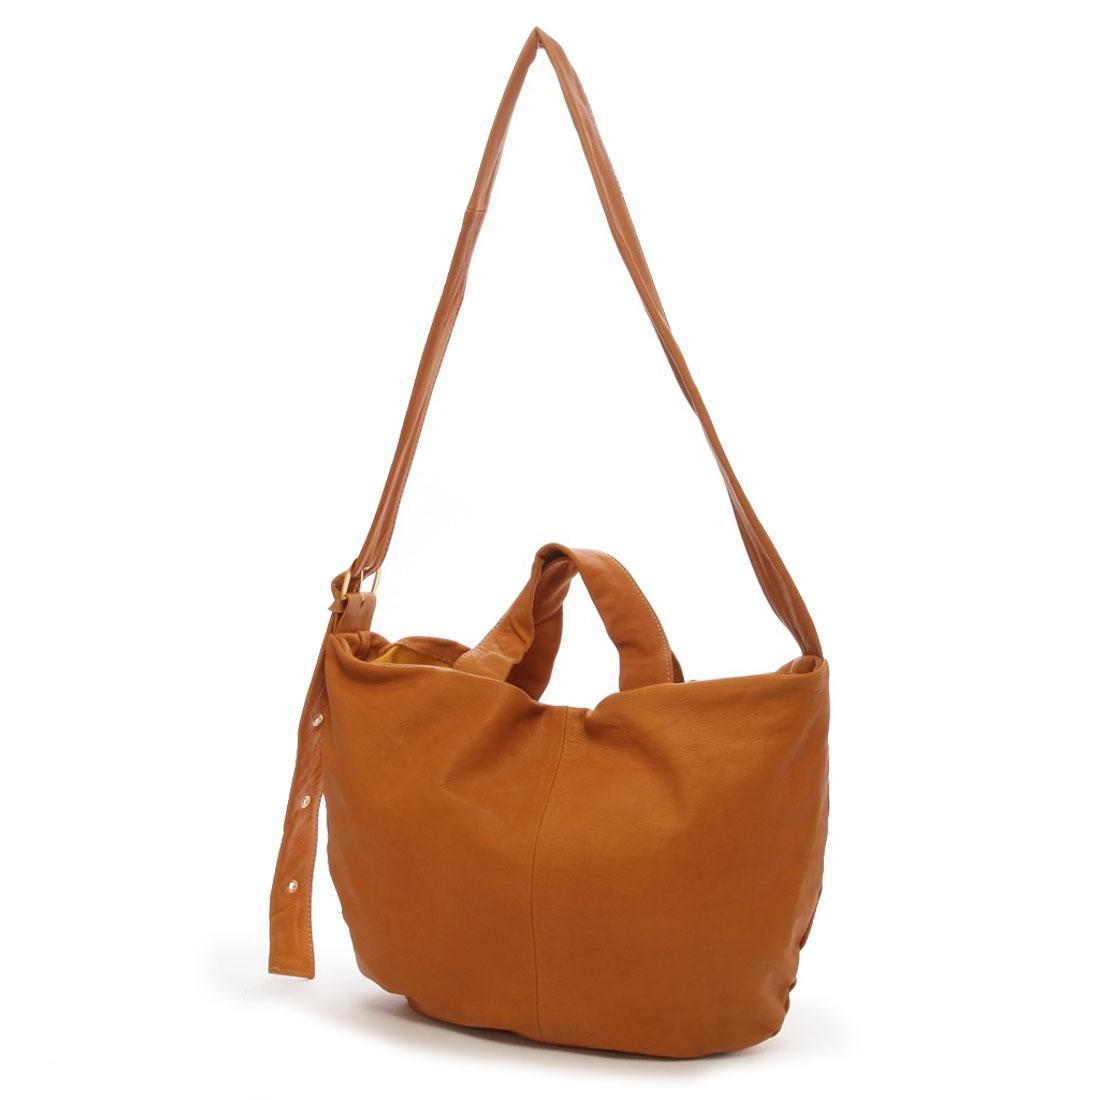 f04c2db6bea3 バッグの種類を教えて!」バッグを種類別でまとめました! - LoCoMode